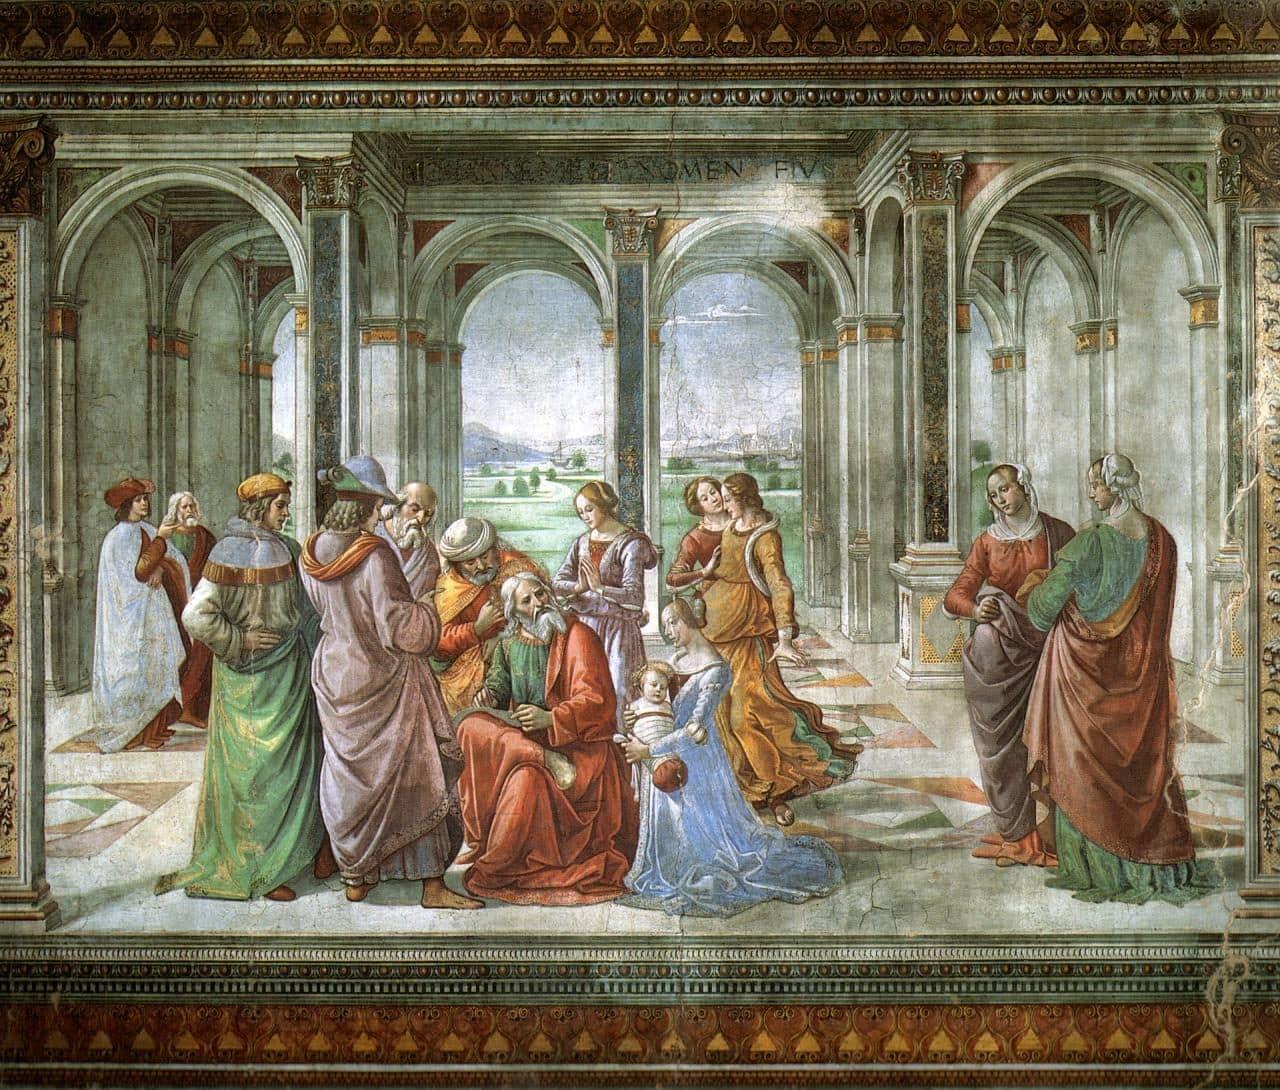 이탈리아 여행, 피렌체, 산타 마리아 노벨라성당, 토르나부오니 예배당(Tornabuoni Chapel), 즈가랴가 아들(요한)의 이름을 쓰다(Zechariah Writes John's Name)